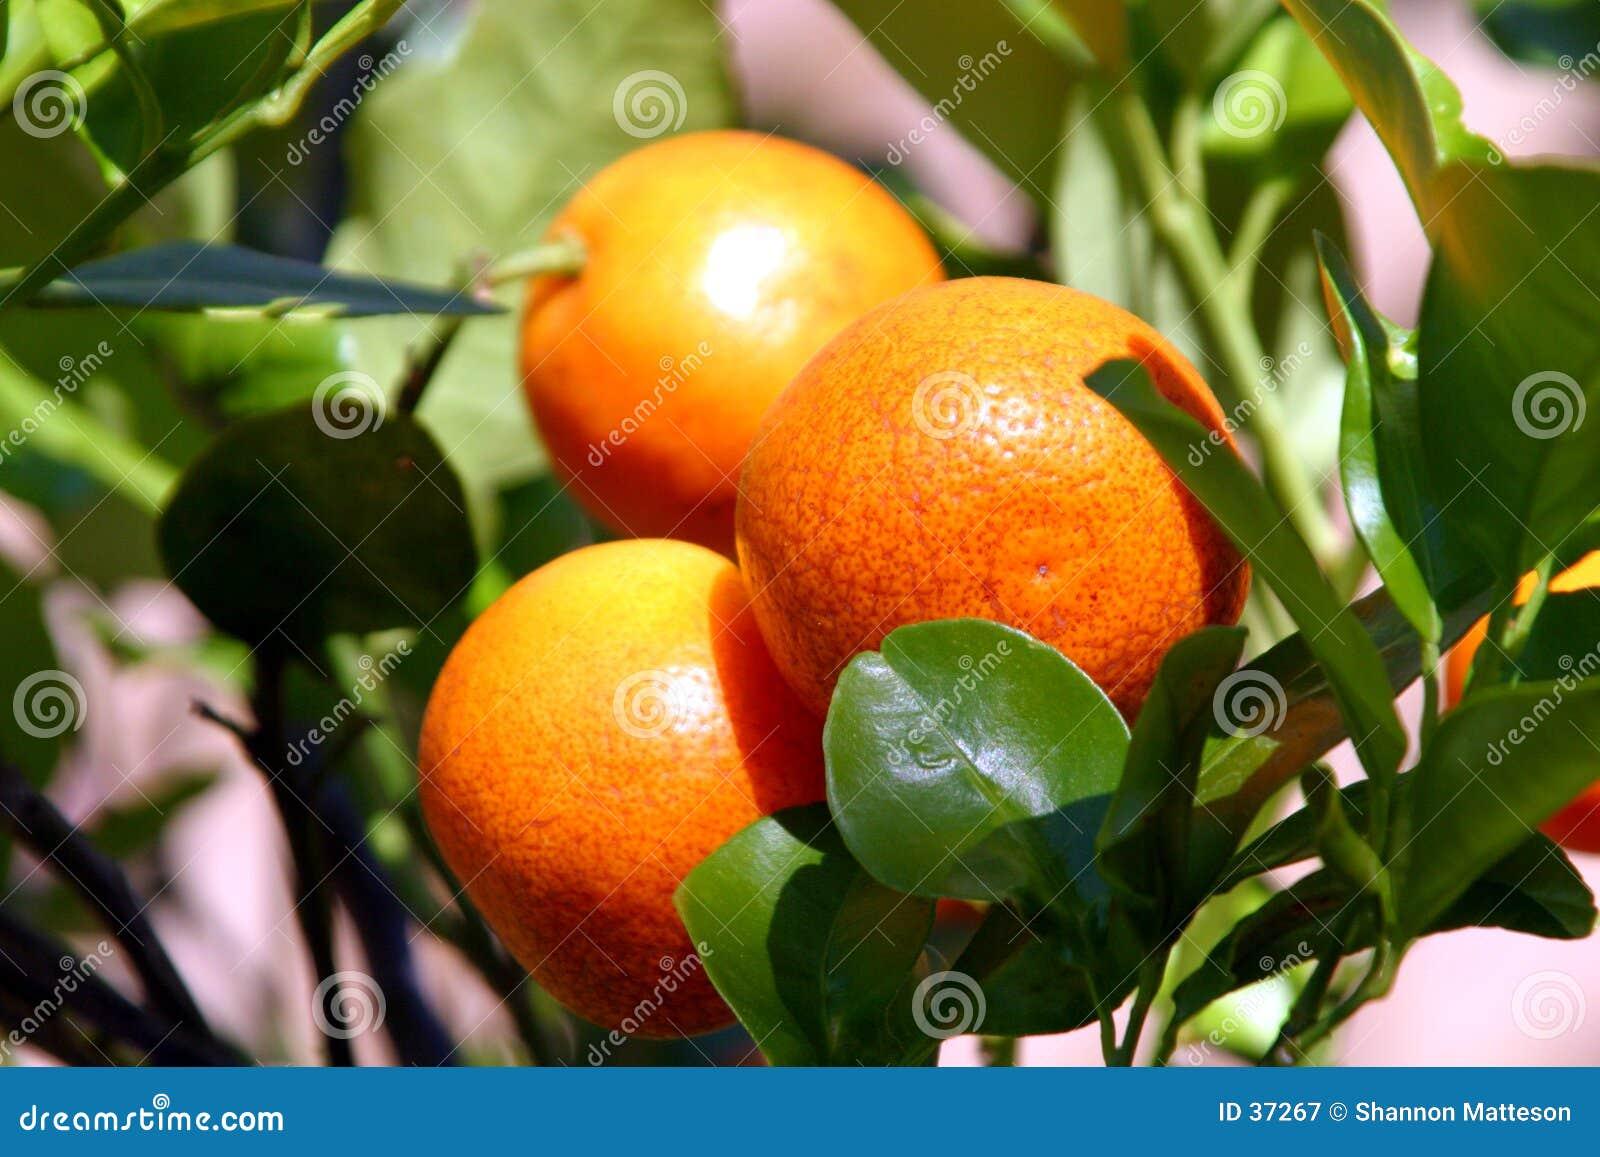 Frische Zitrusfrucht